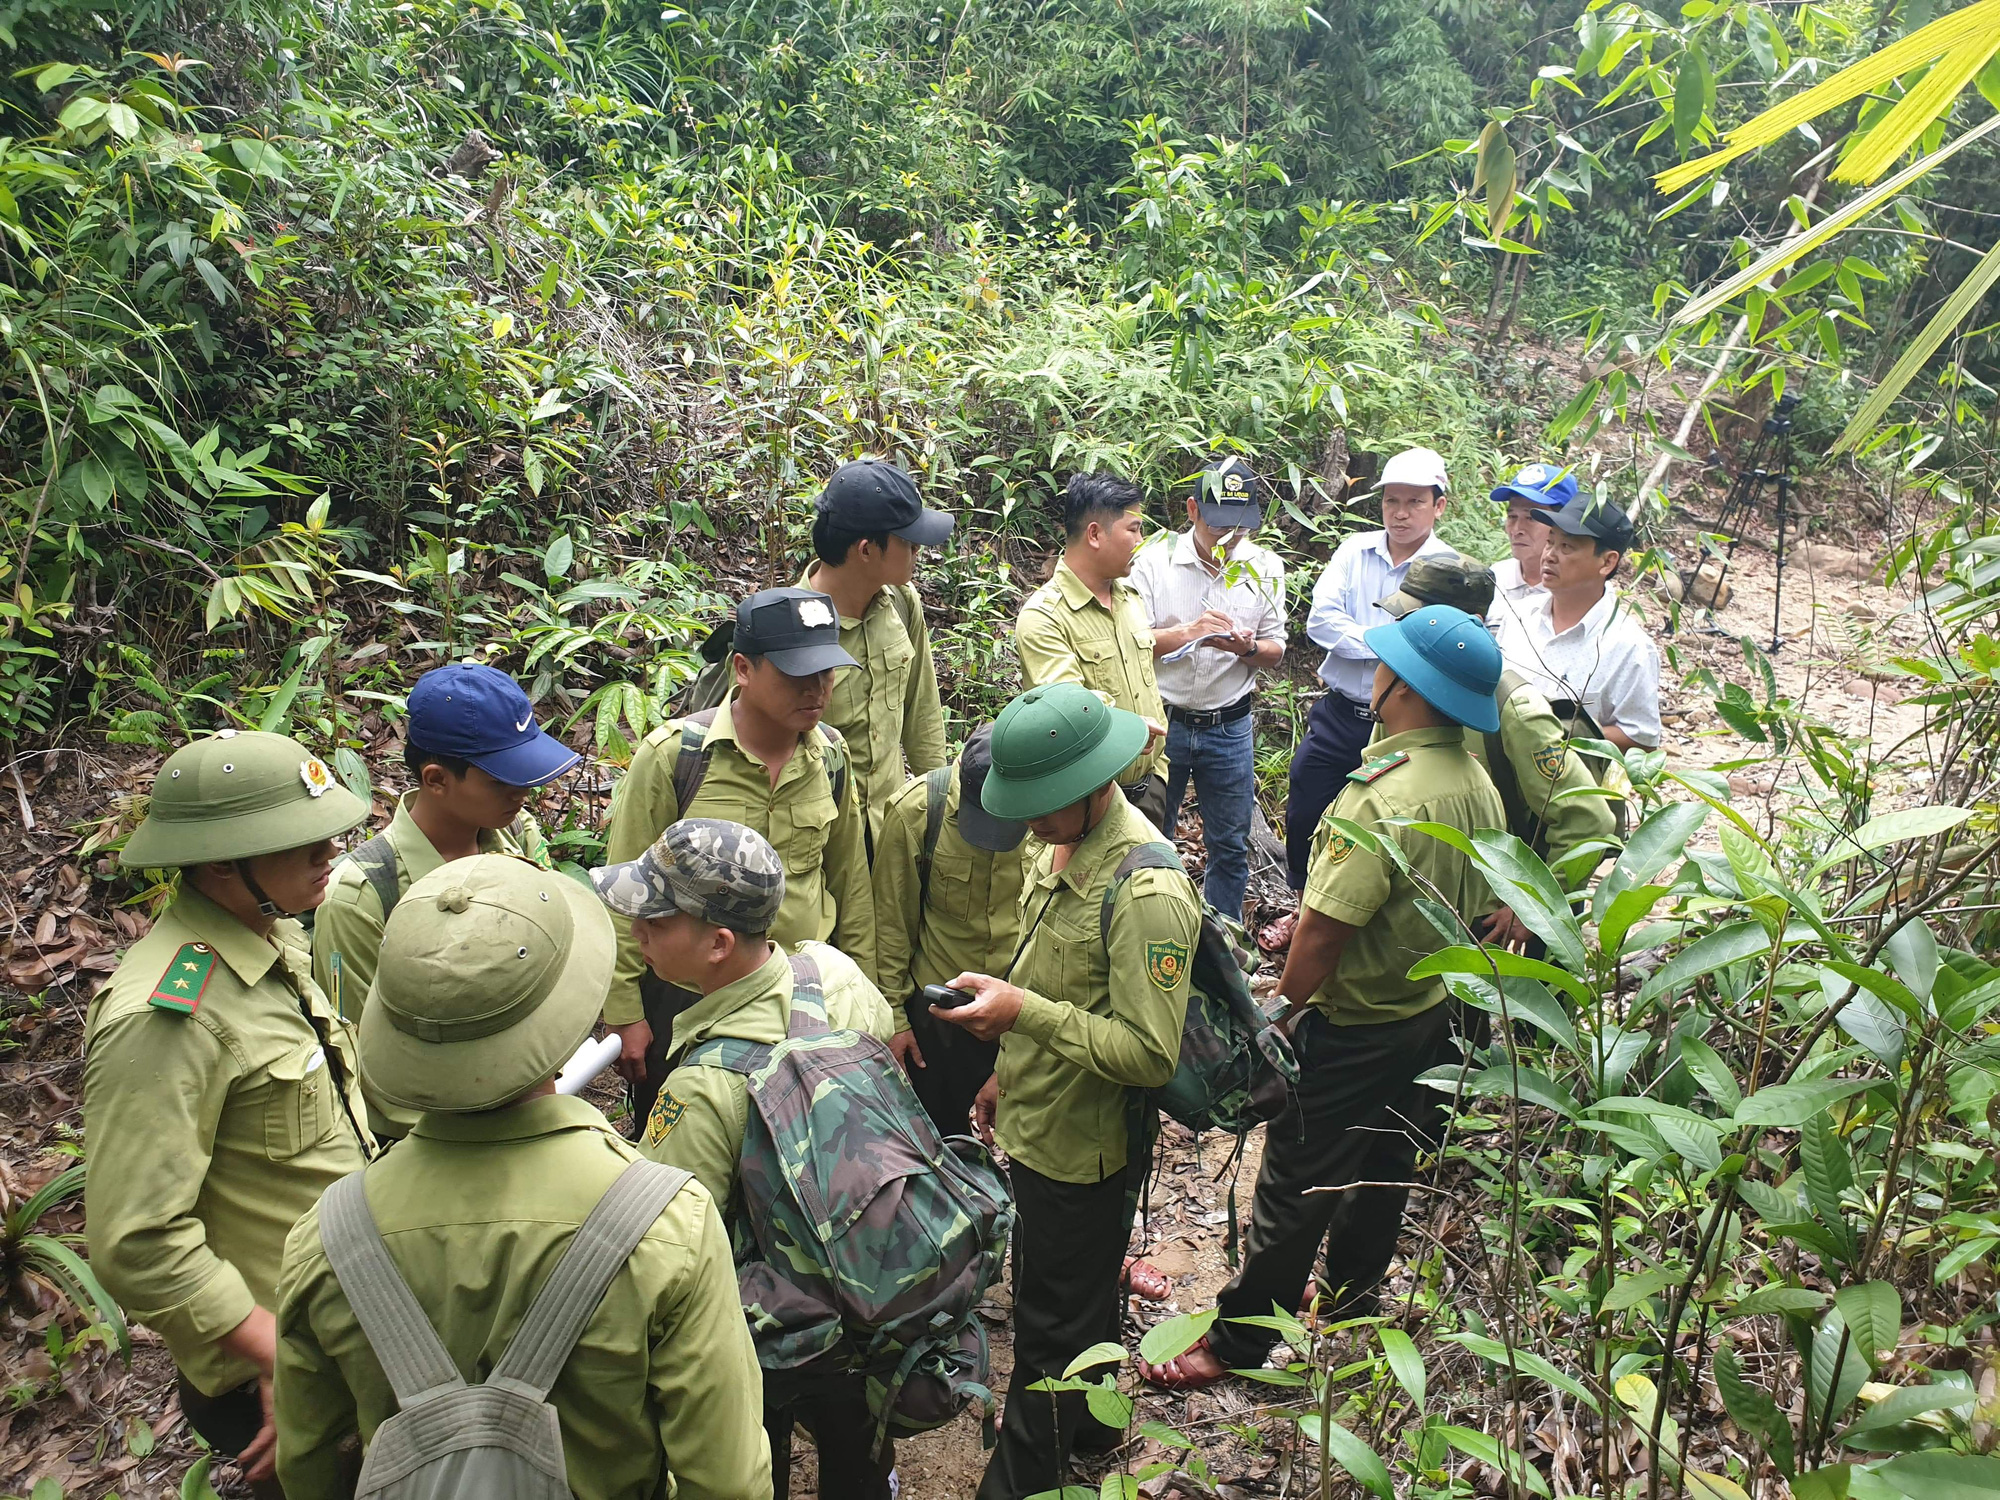 Quỹ Bảo vệ và phát triển rừng Quảng Nam - Vượt khó để hoàn thành nhiệm vụ - Ảnh 1.